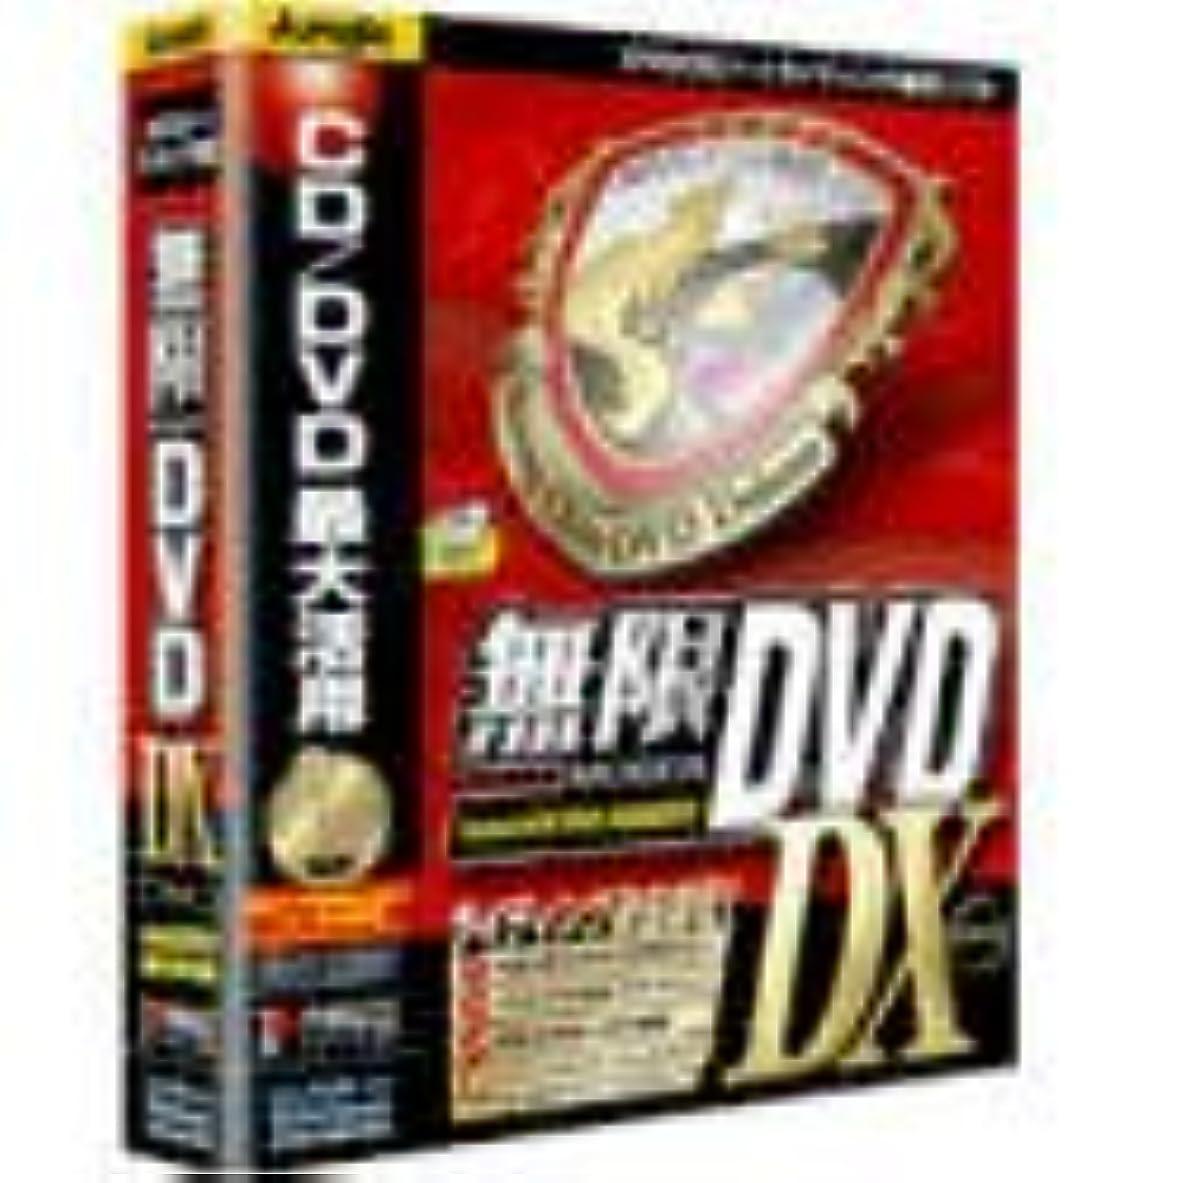 ファランクスしわ性差別無限DVD DX (MUGEN DVD DELUXE)